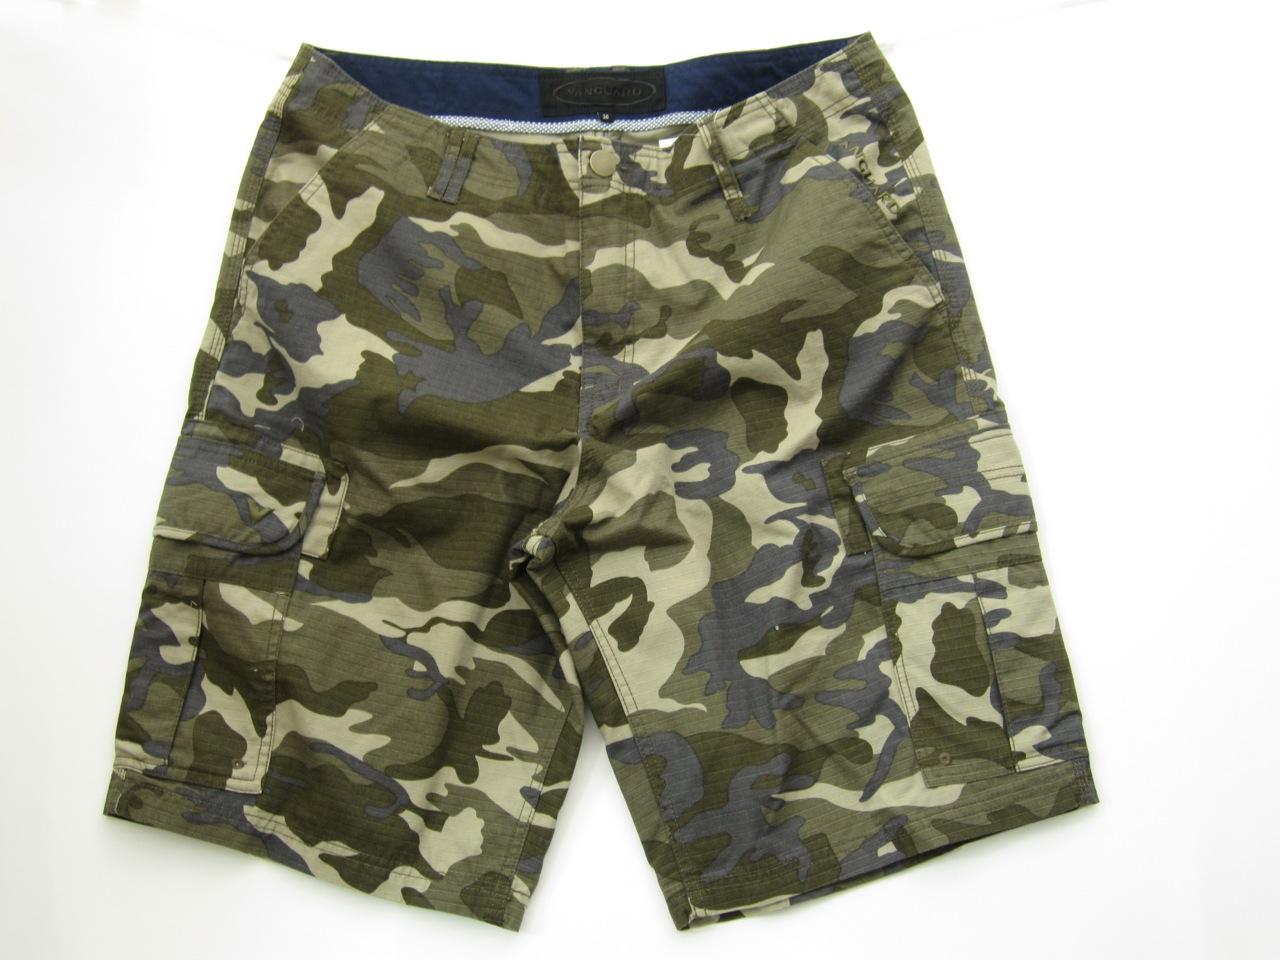 Brown Camo Cargo Shorts for Men - size 34